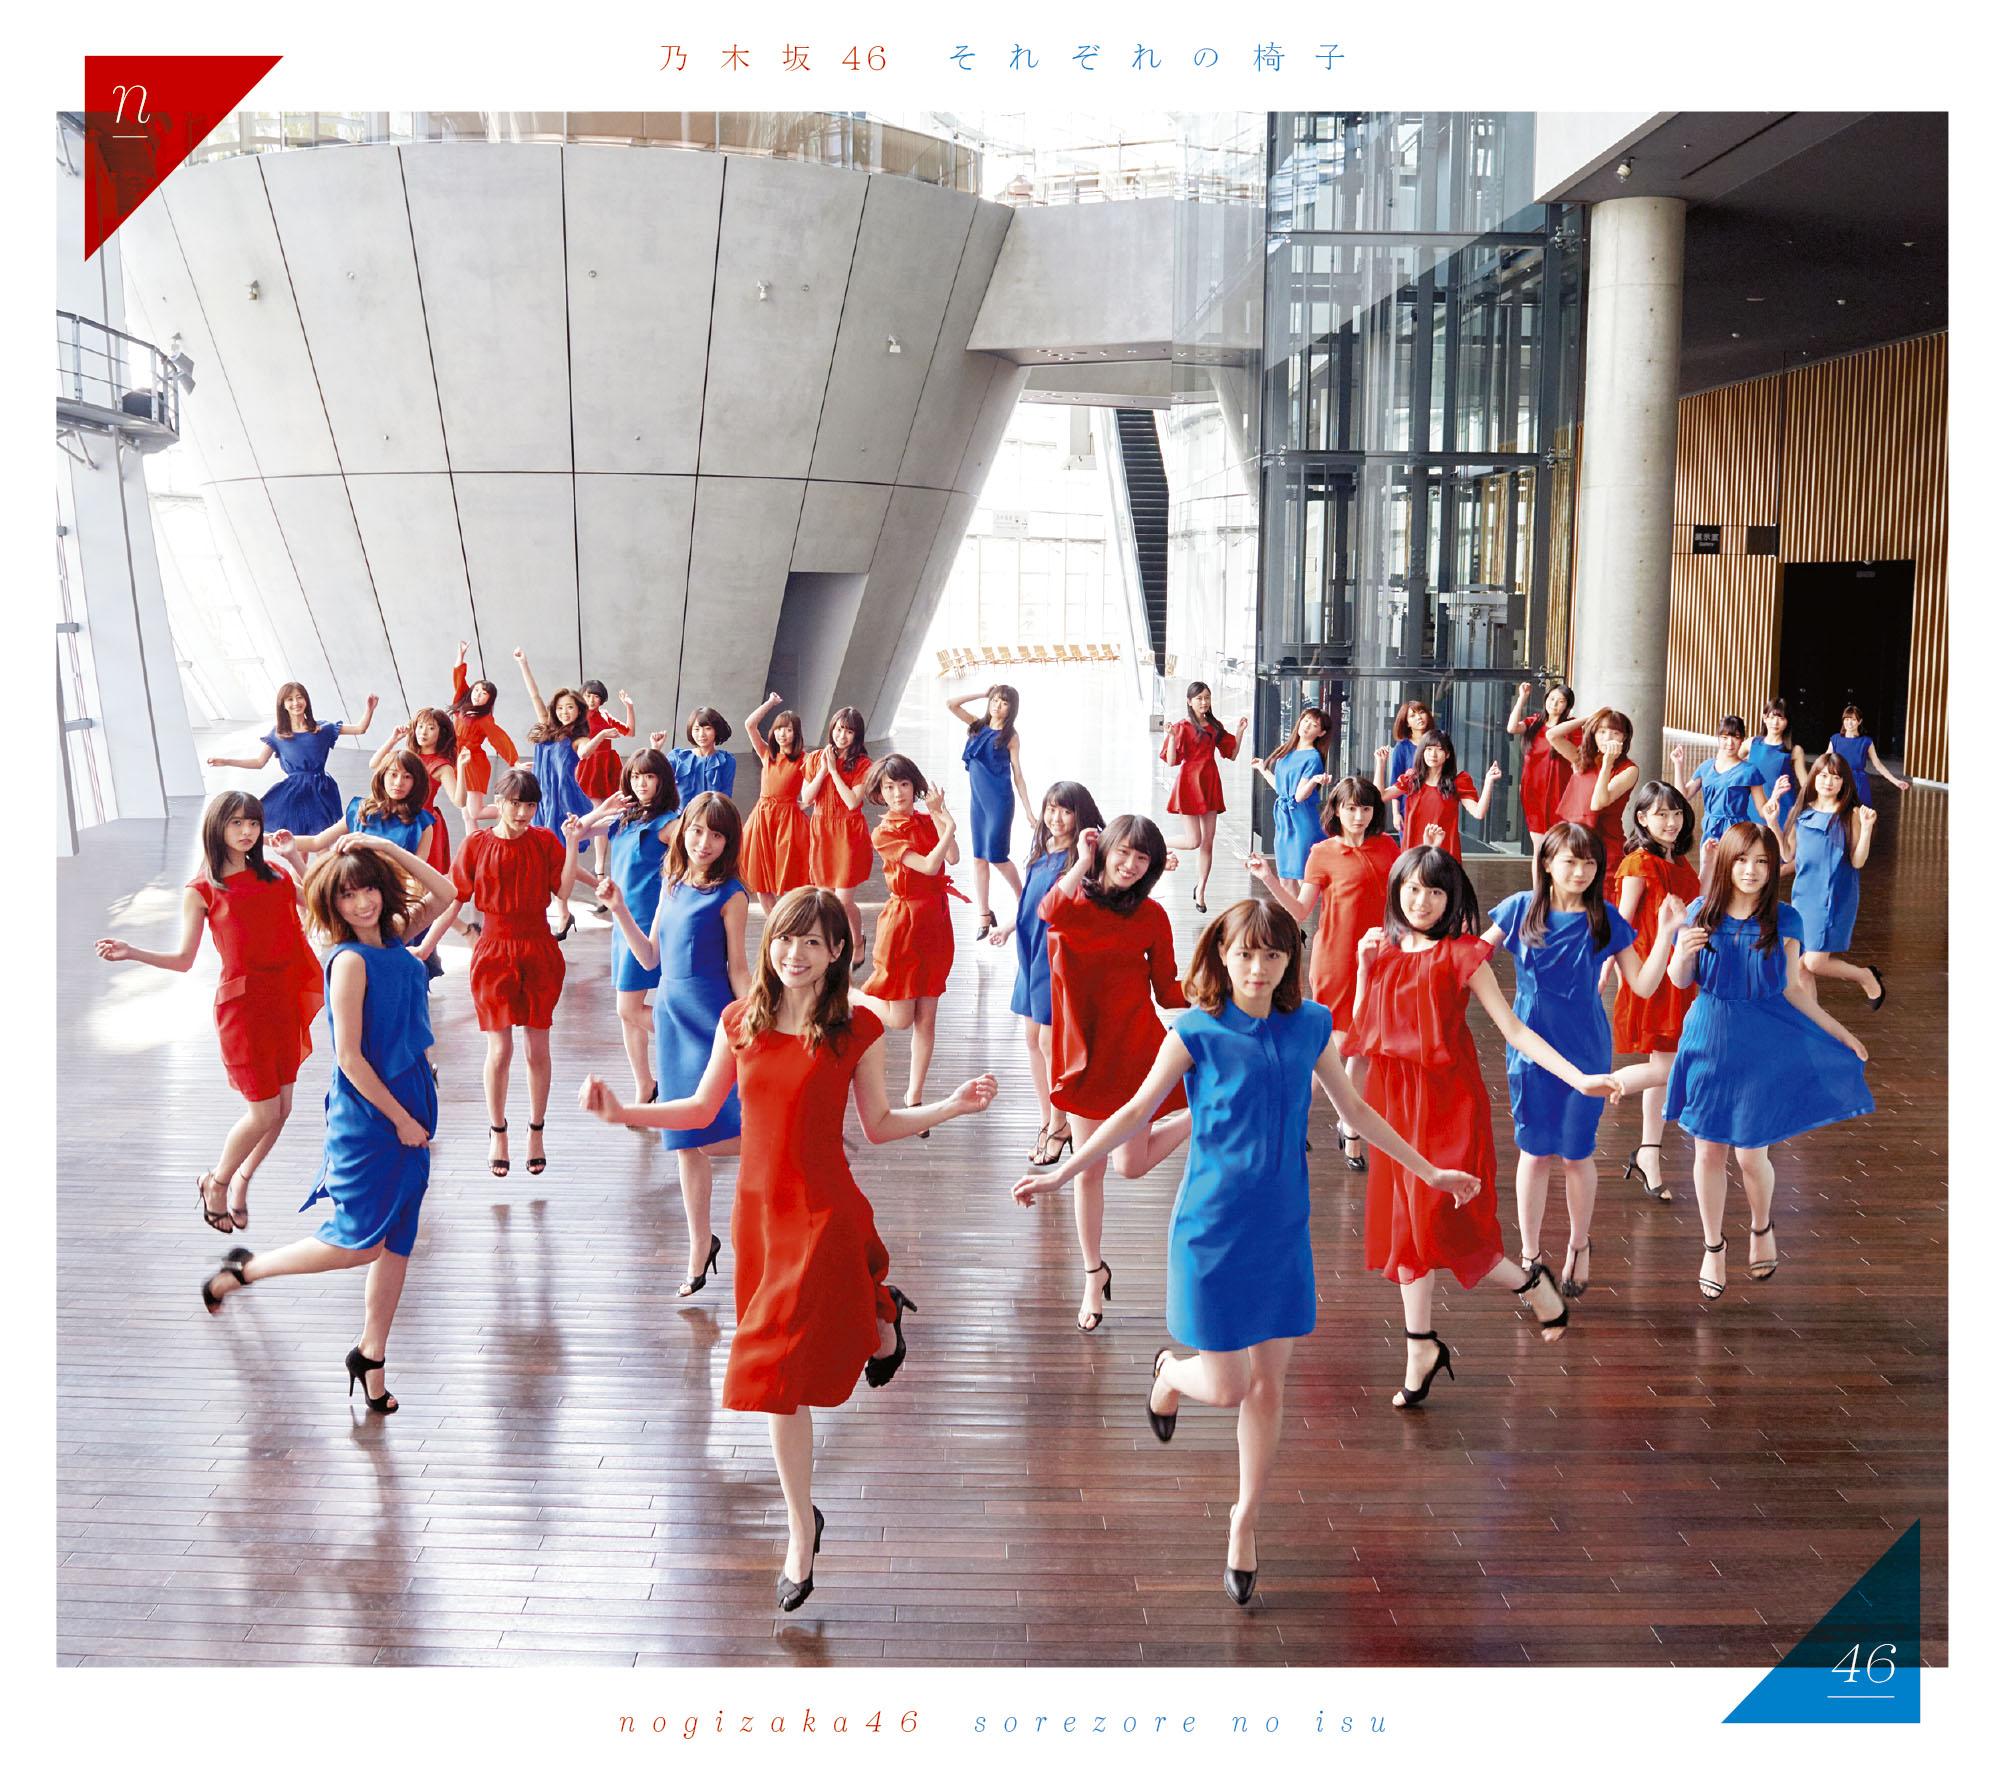 20160530.01.07 Nogizaka46 - Sorezore no Isu (Type A) cover 3.jpg